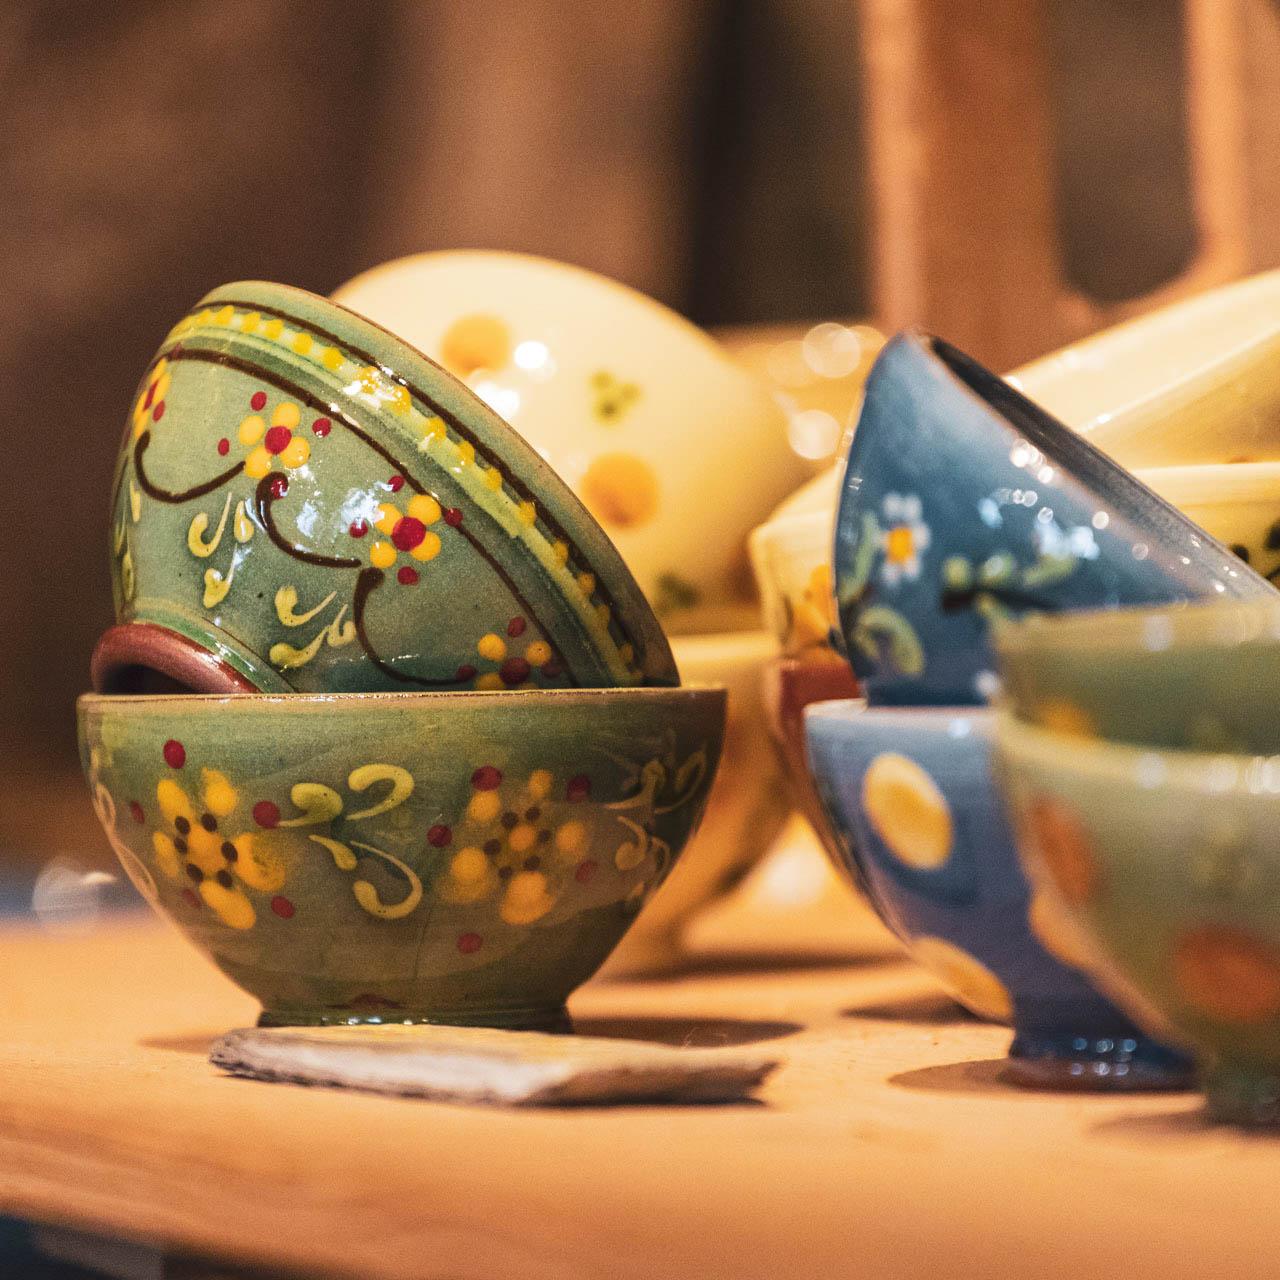 poterie-martin-4-c-cattin-alpcatmedias-le-grand-bornand-web-2-224014